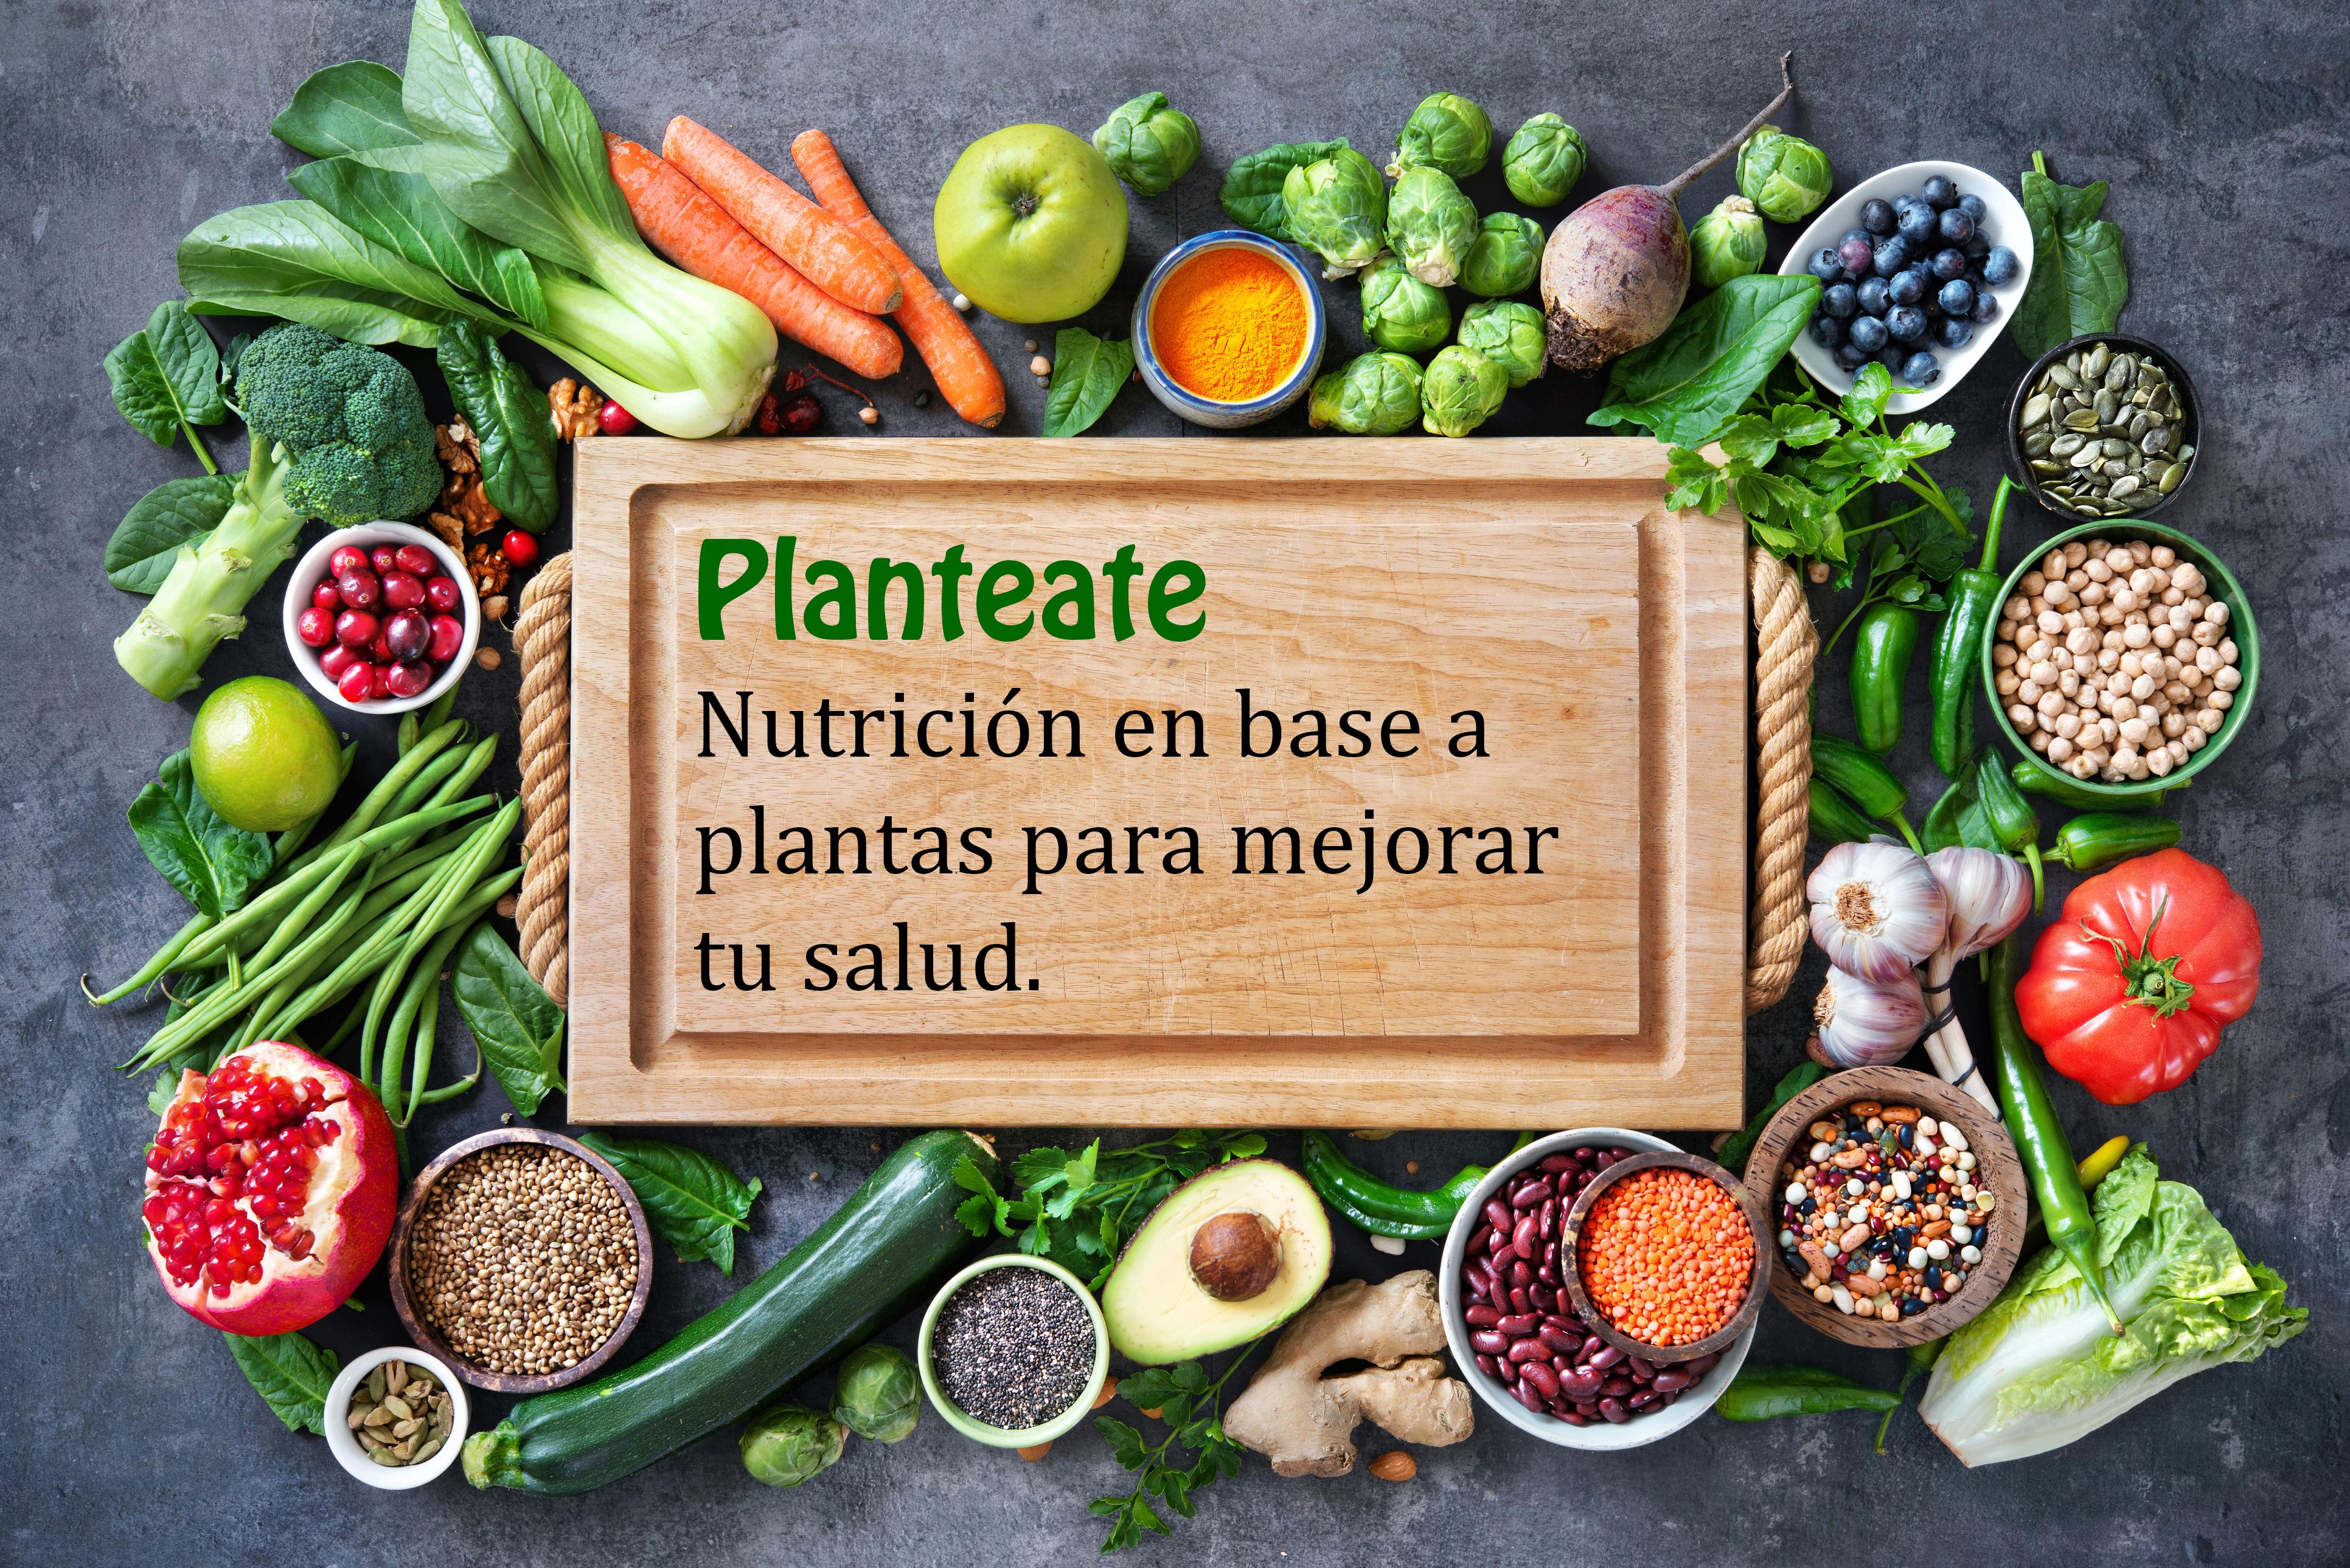 Planteate